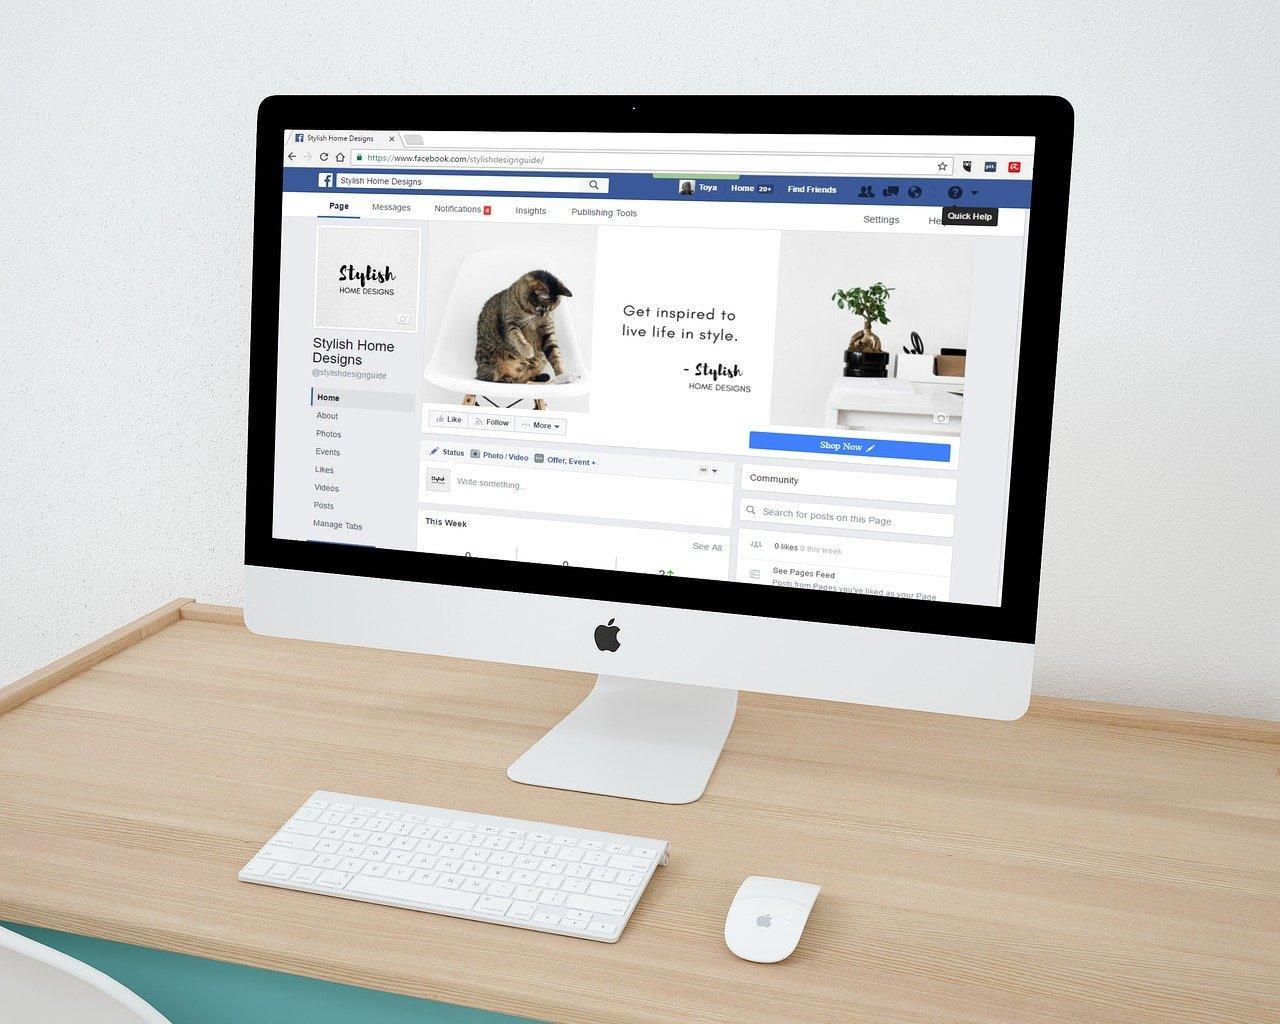 Data Skill: social media